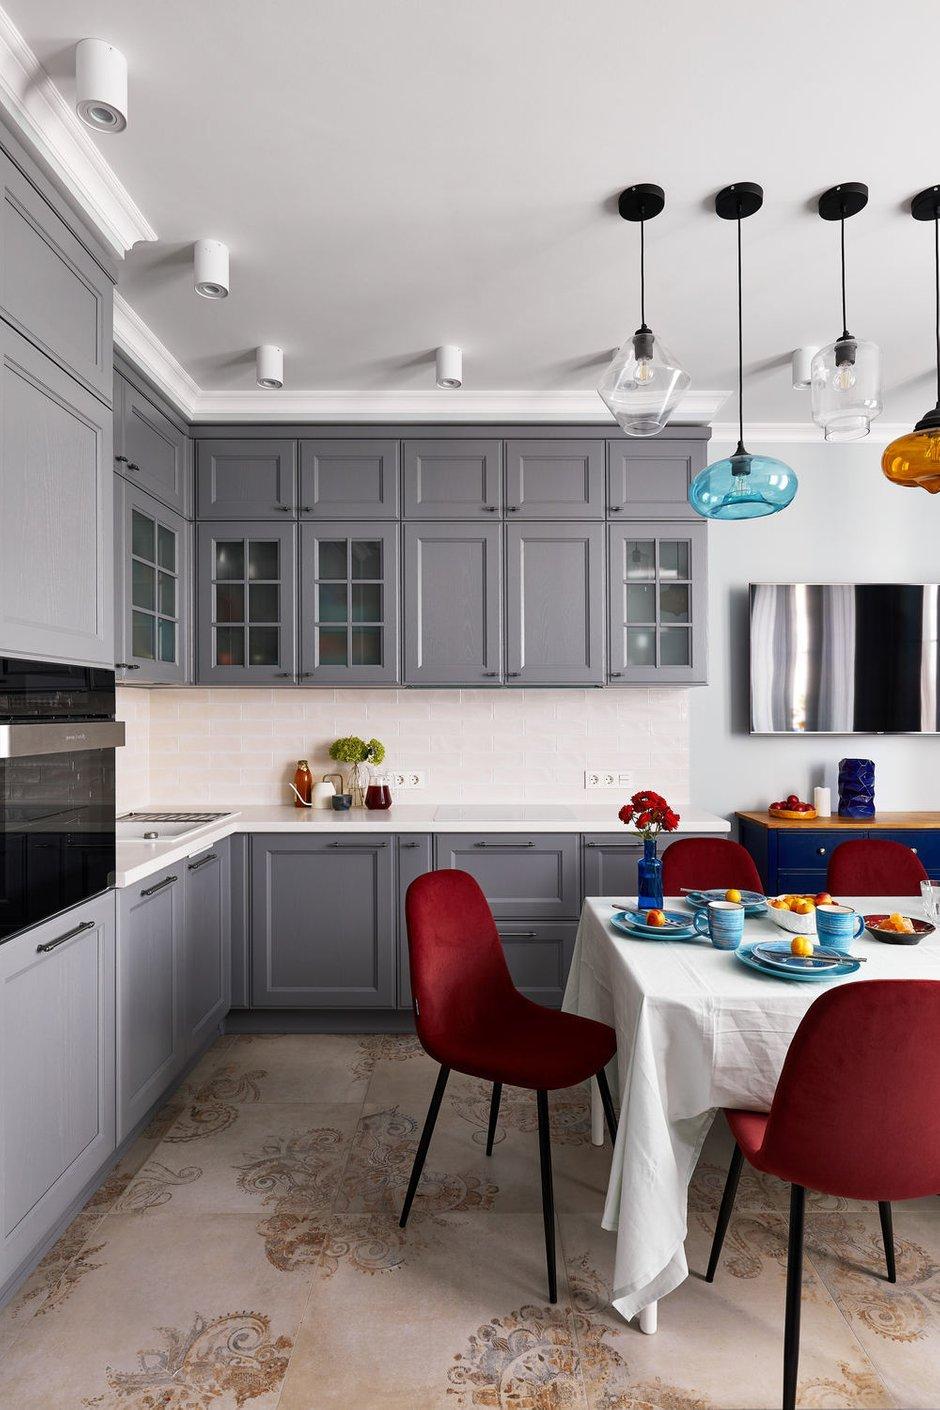 Фотография: Кухня и столовая в стиле Современный, Квартира, Проект недели, Долгопрудный, 4 и больше, Более 90 метров, Марина Каралкина – фото на INMYROOM